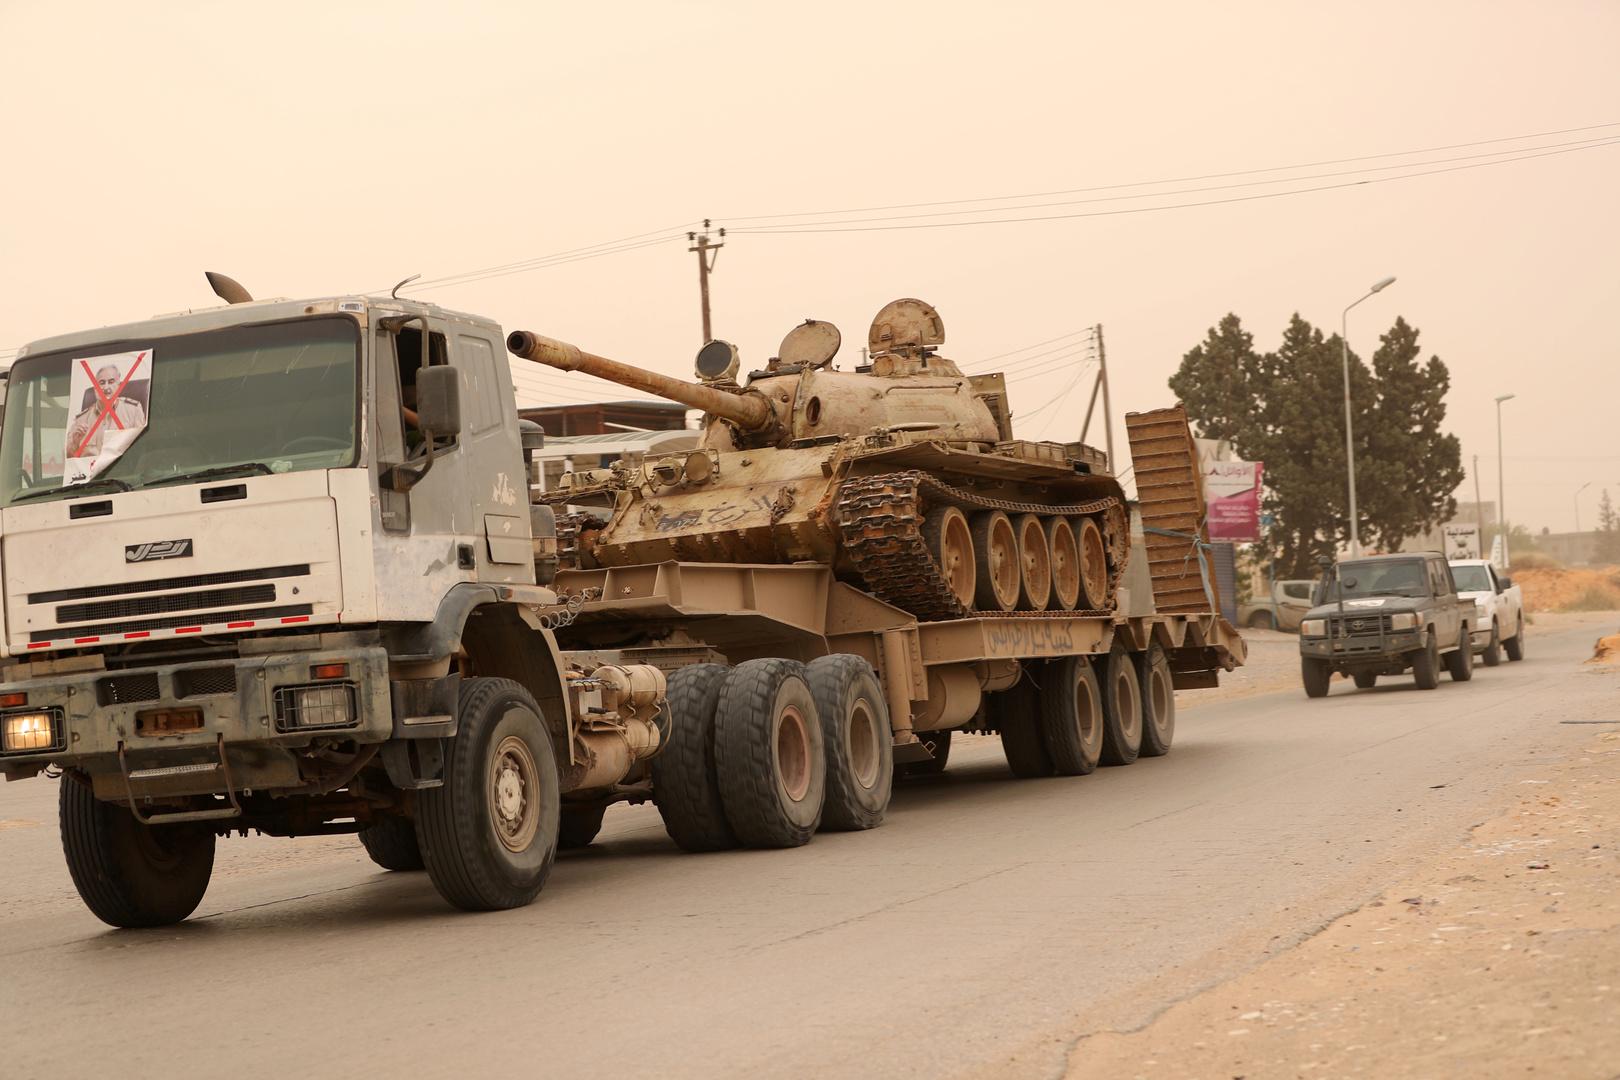 ليبيا.. حكومة الوفاق تطلق عملية للسيطرة على سرت وتوجه